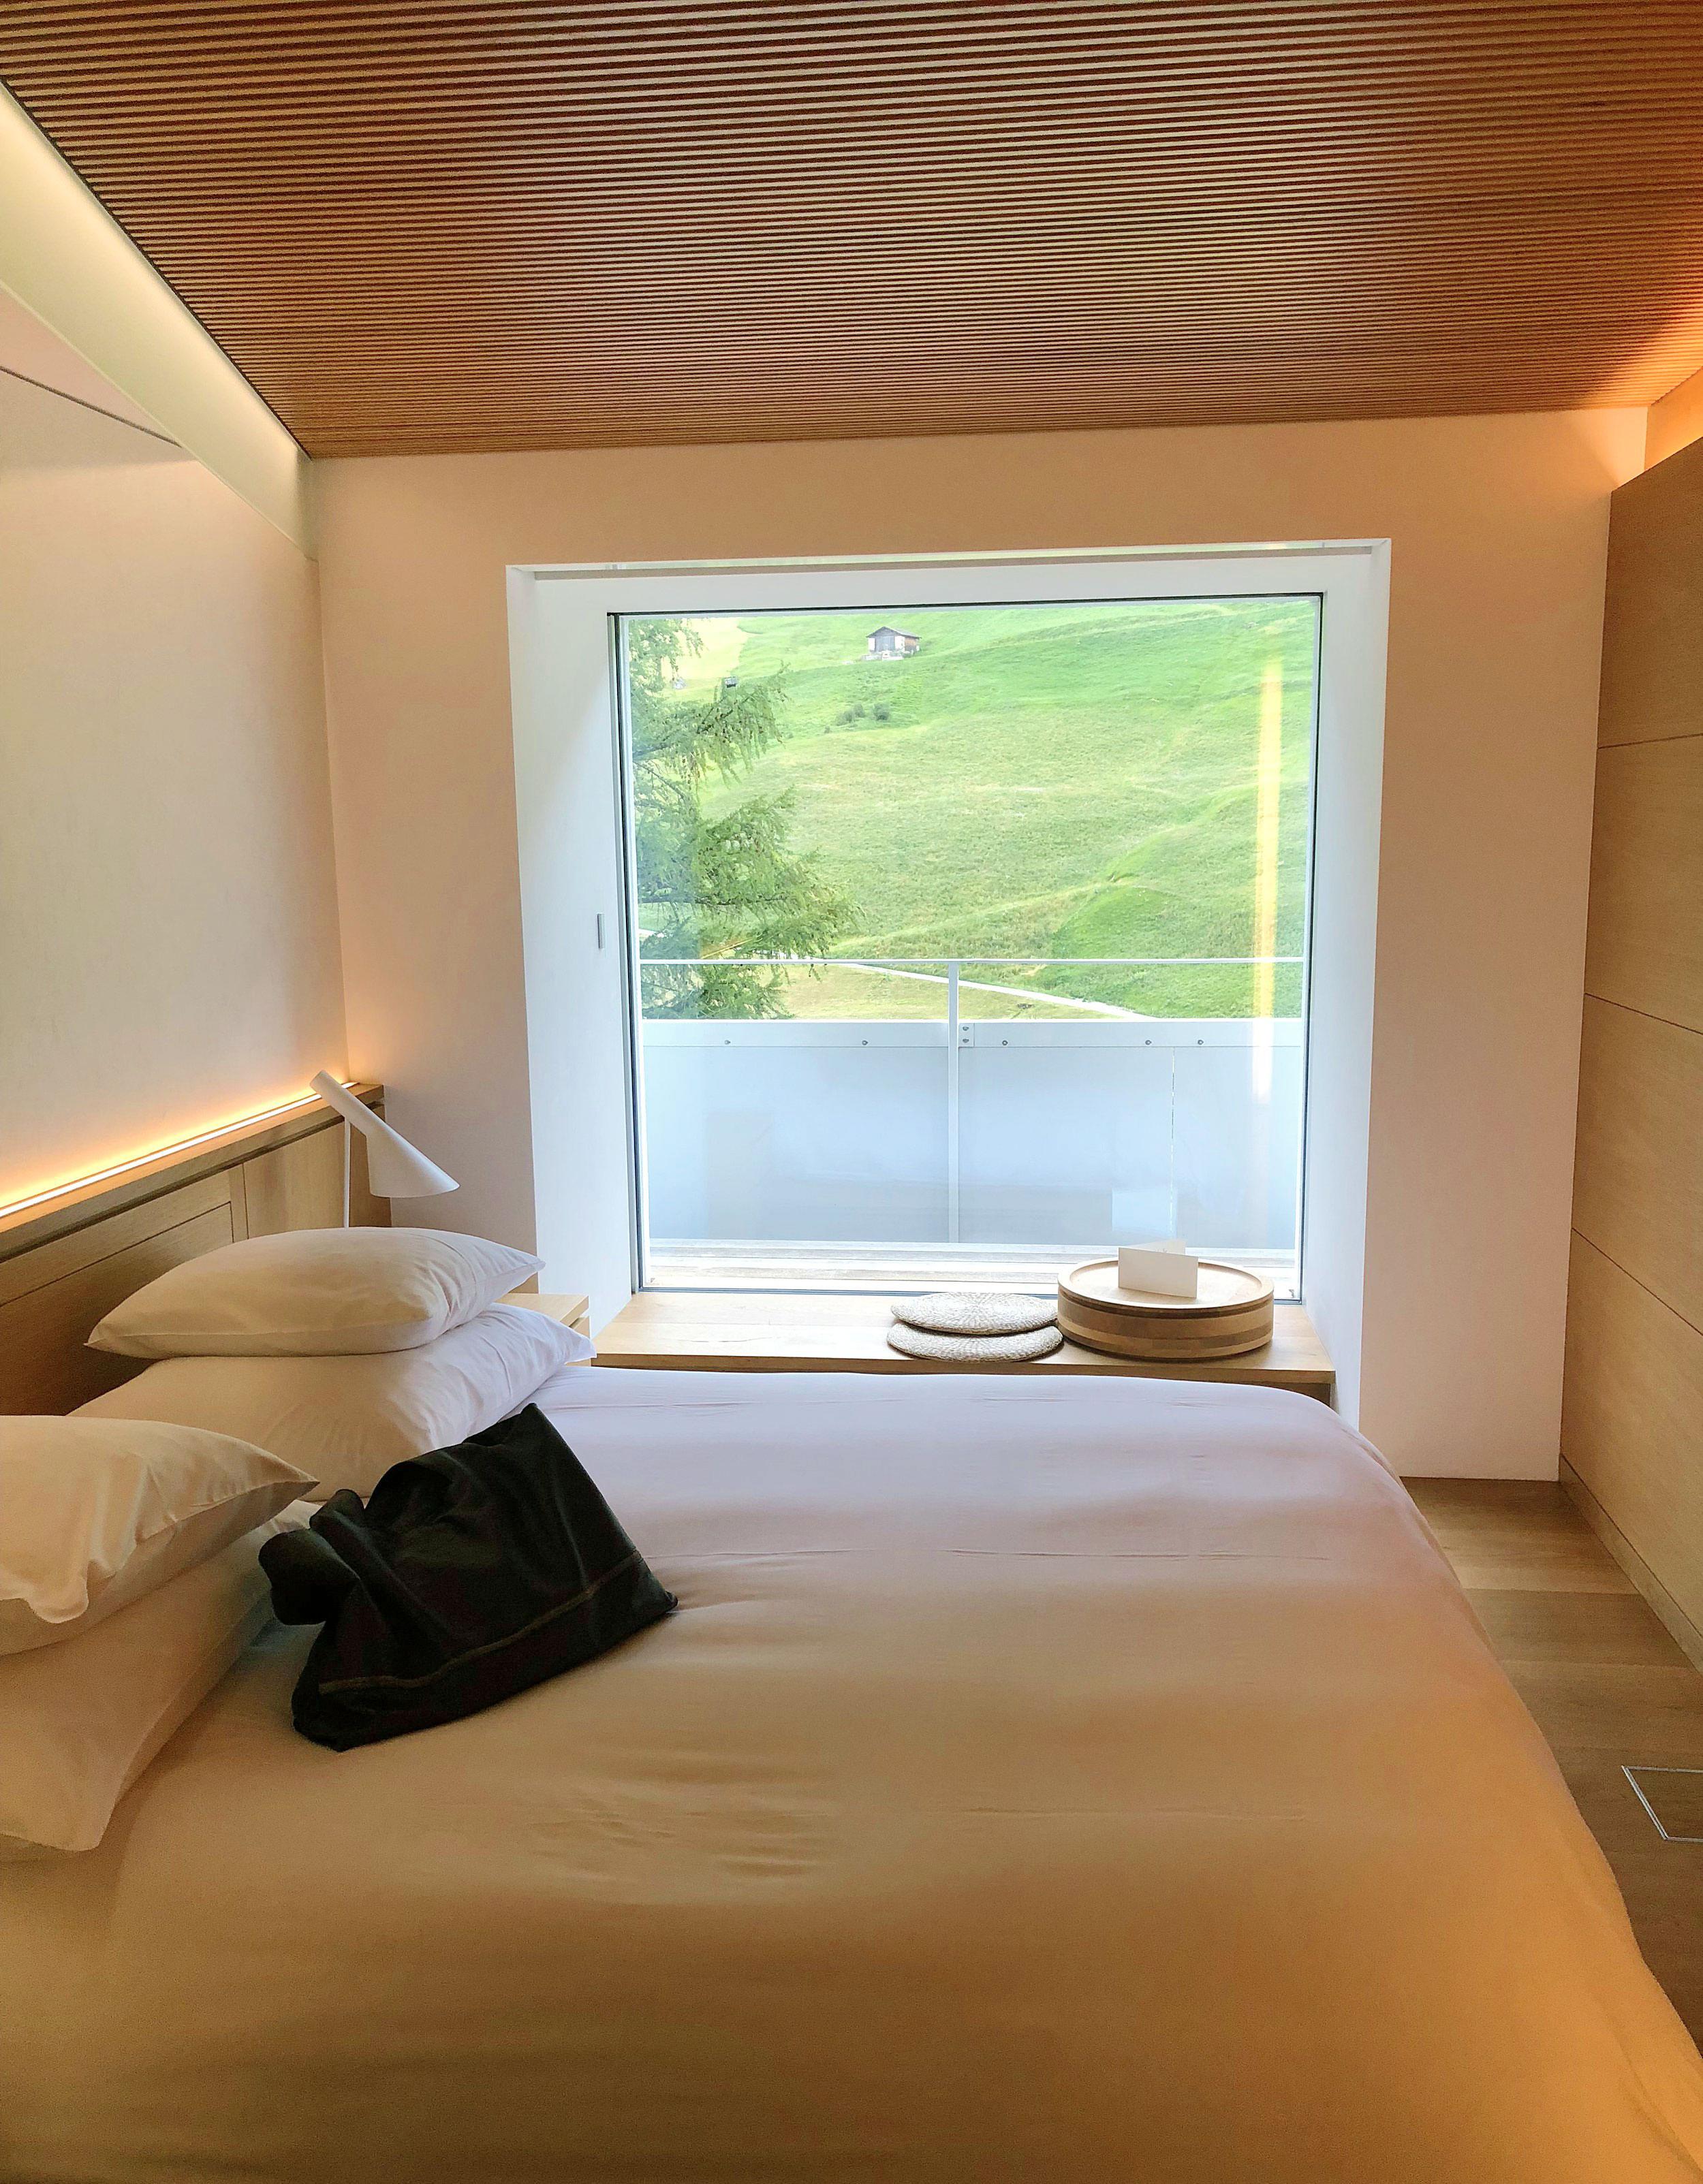 ando-room-7132-hotel-vals.jpg